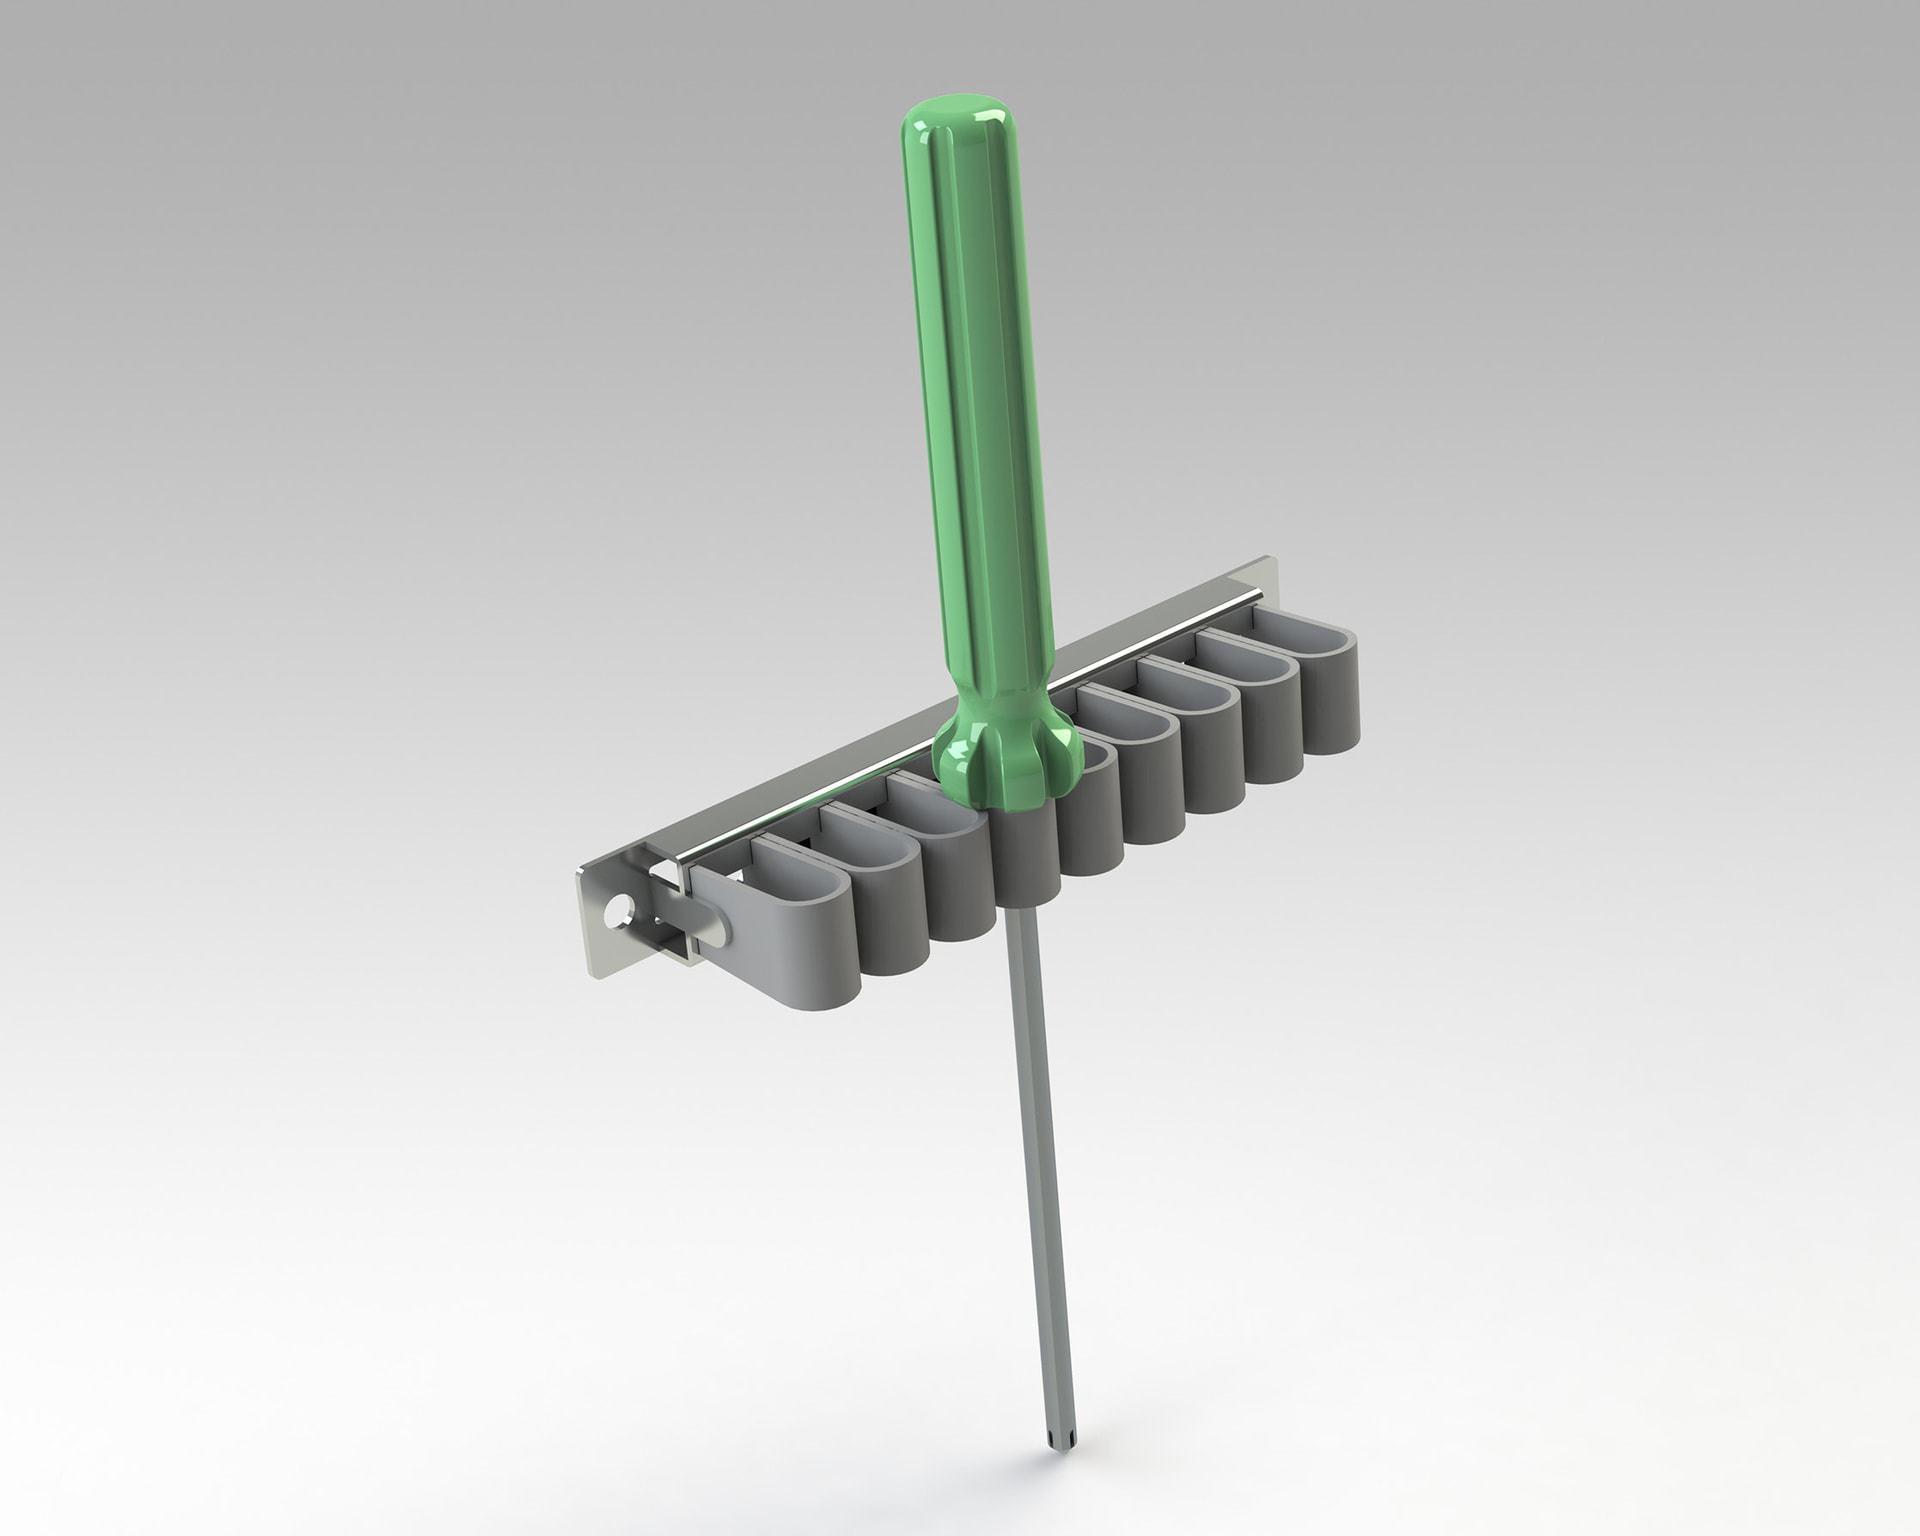 PEK3 Easytube Metal Accessories TH-08